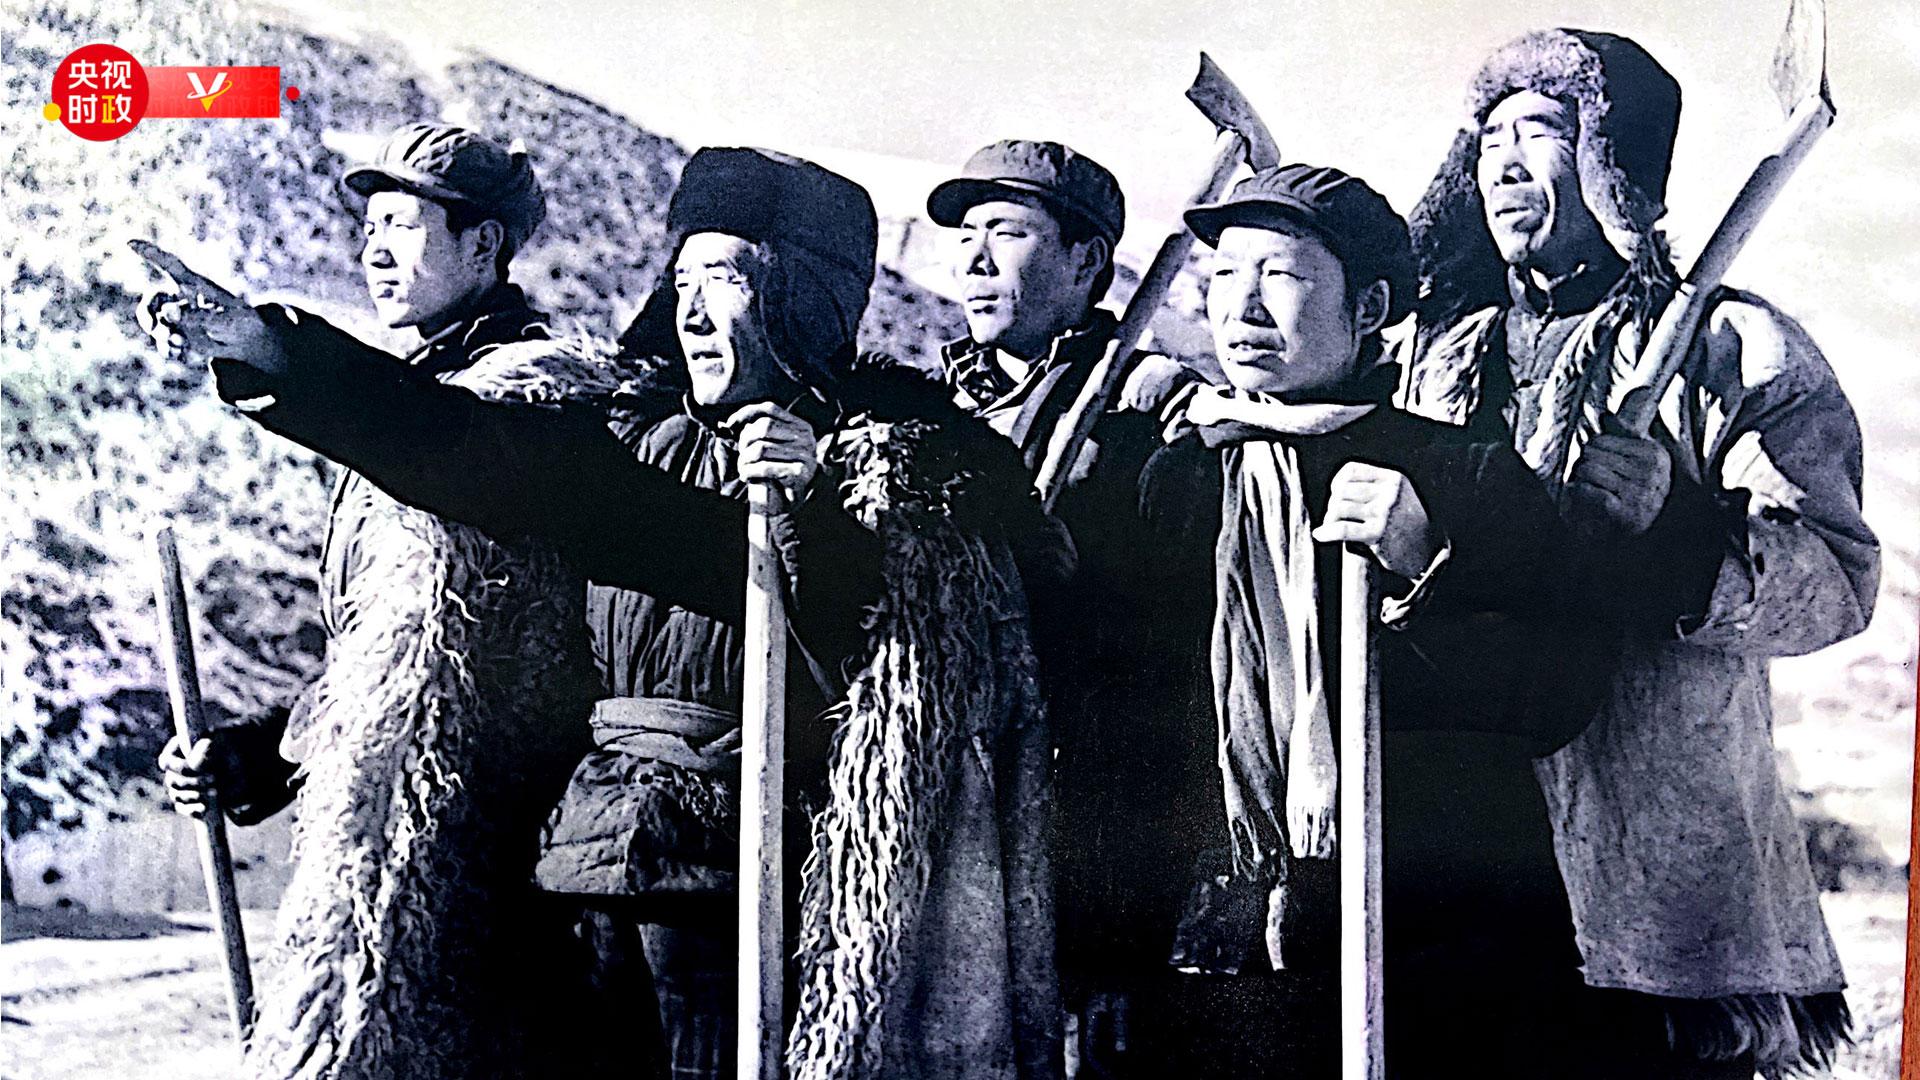 习近平陕西行丨黄土高原的治理典范——走进米脂县高西沟村